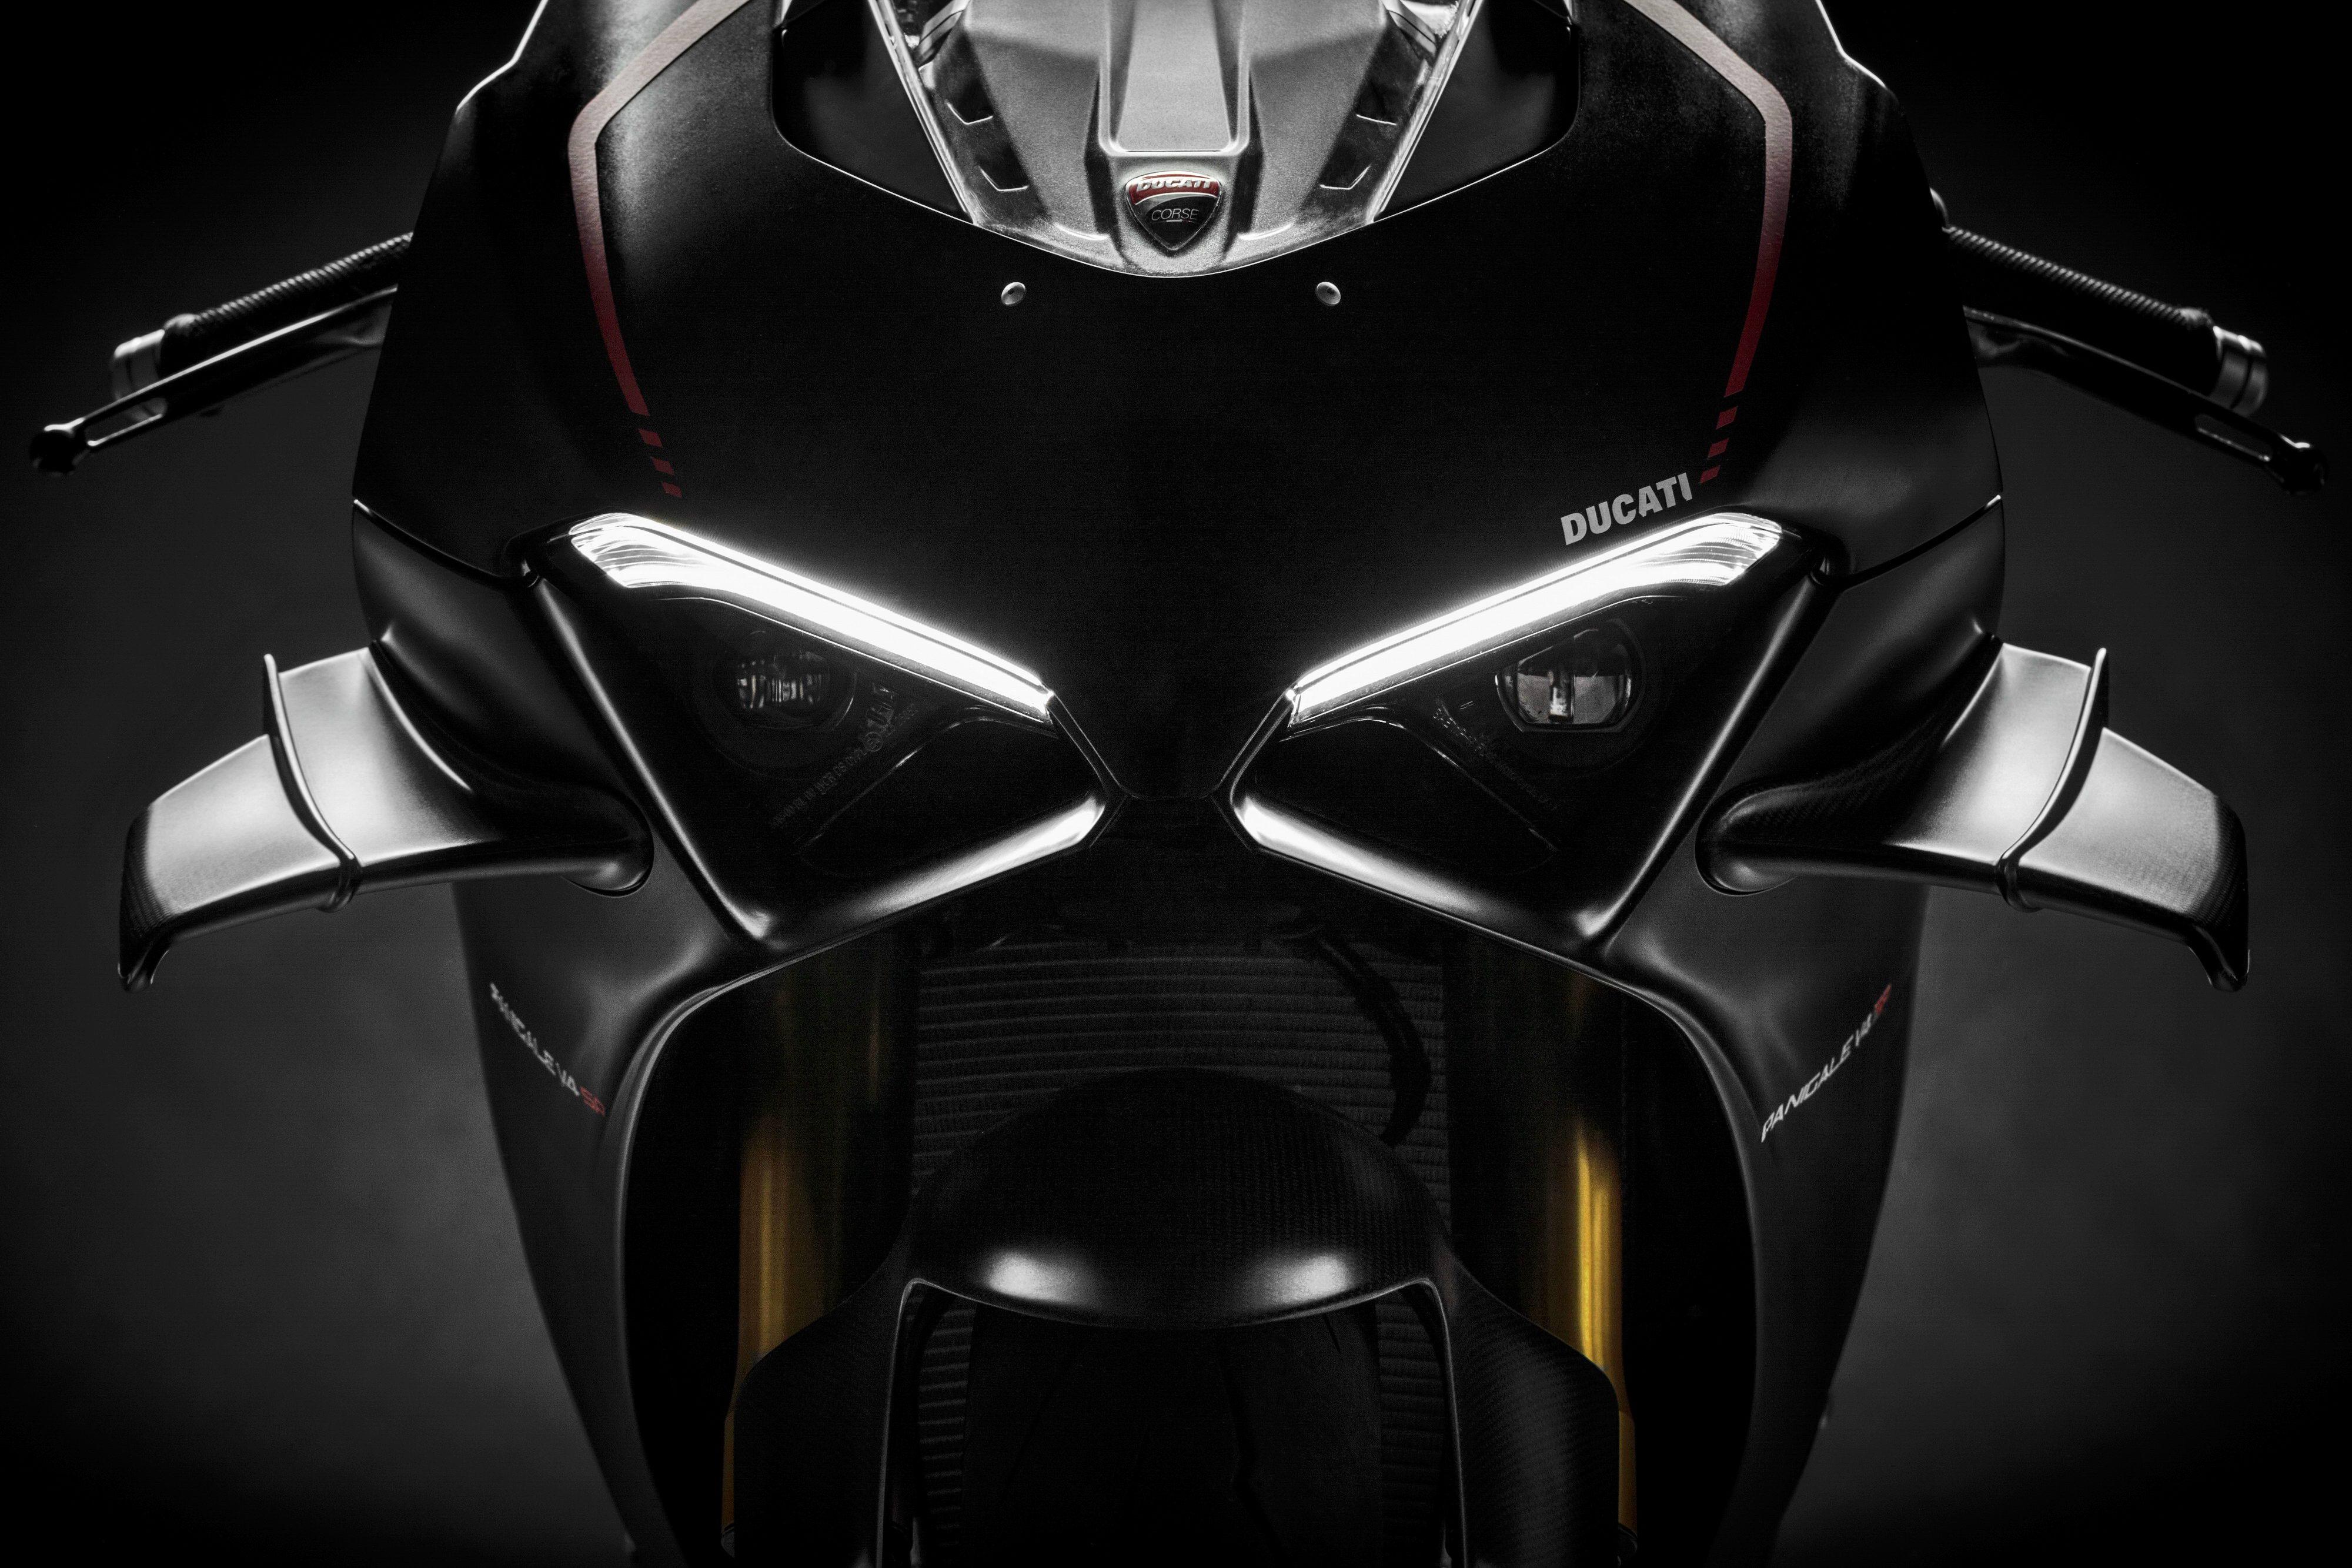 杜卡迪 DucatiPanigale V4杜卡迪 2021 Panigale V4 SP ��